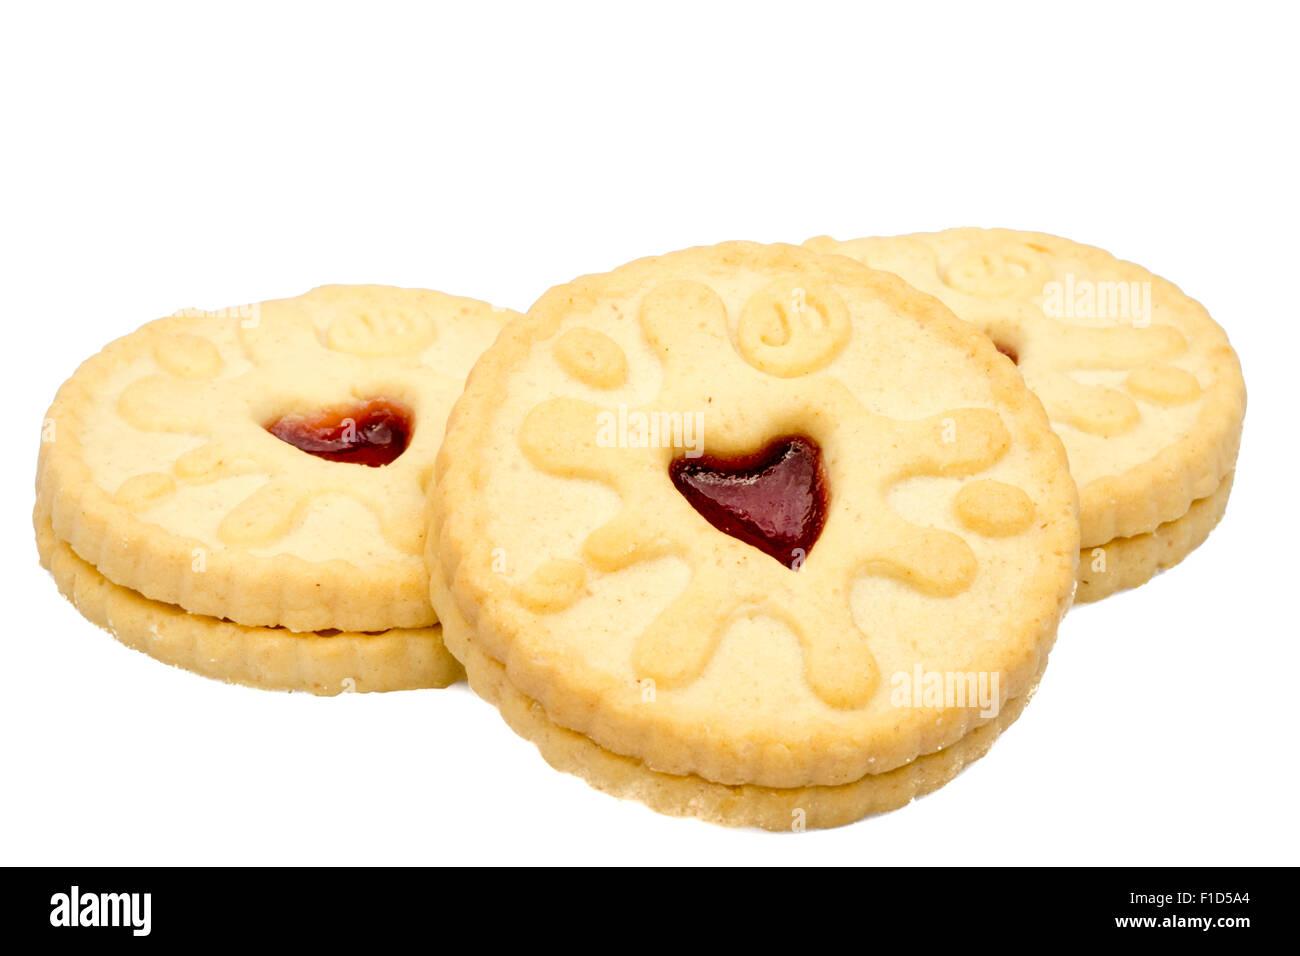 Découper des biscuits ou isolé sur un fond blanc, au Royaume-Uni. Photo Stock